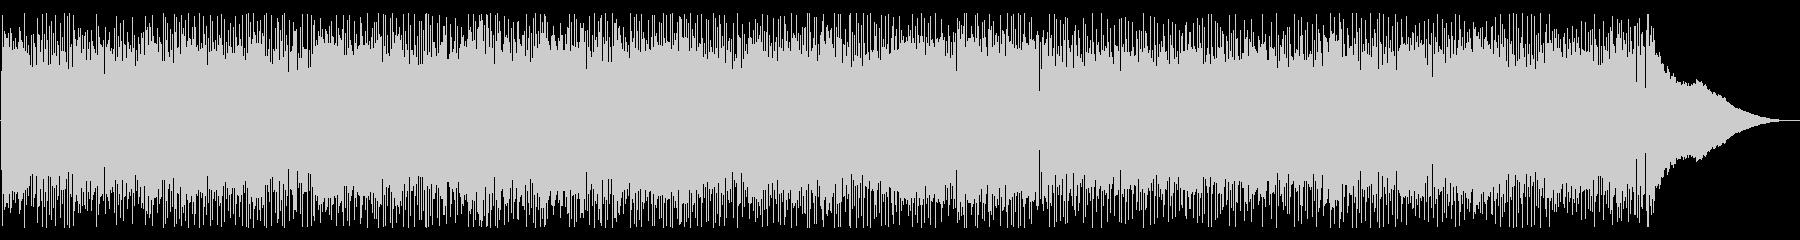 90年代V系バンド風ロック(メロ無し)の未再生の波形